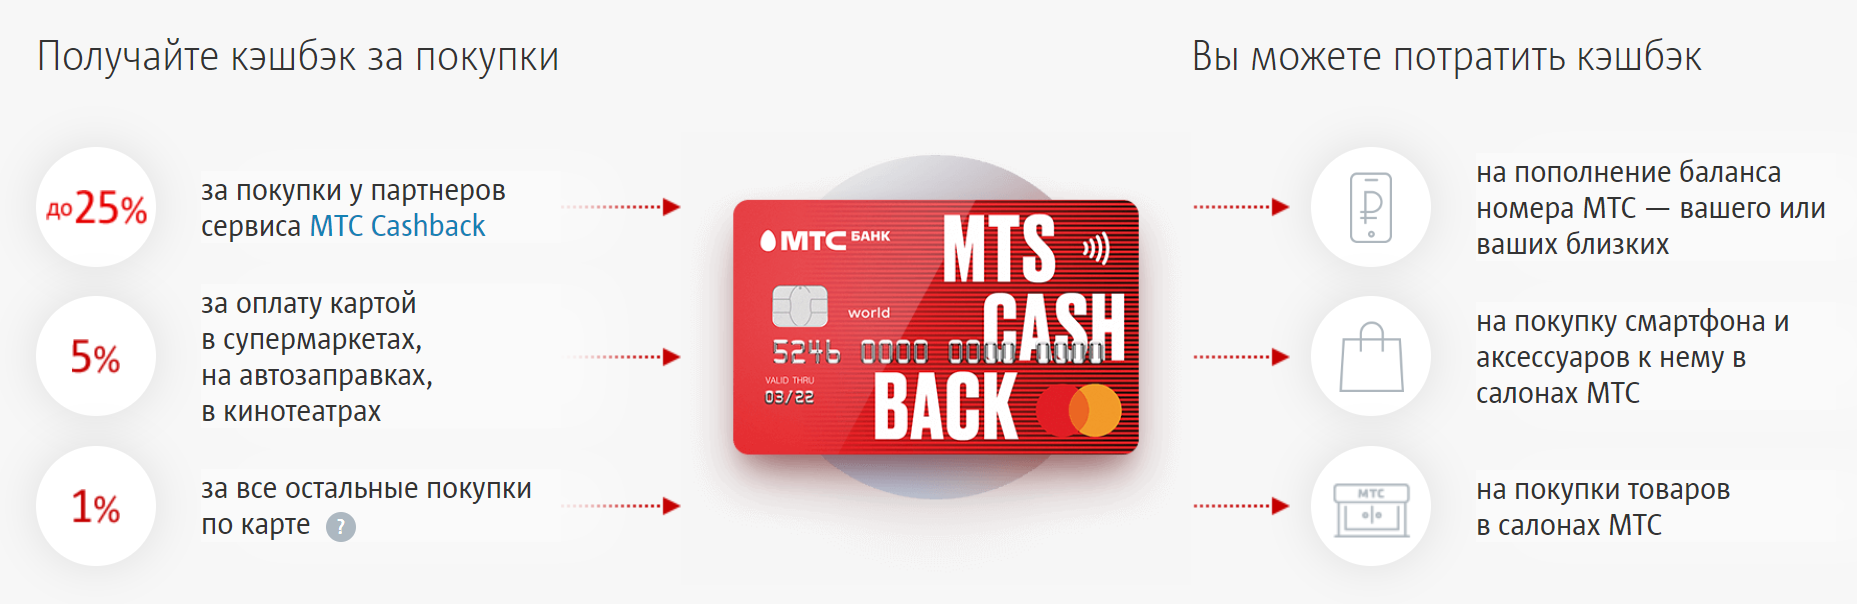 Кредитная карта МТС Кэшбэк - условия, процентные ставки, льготный период